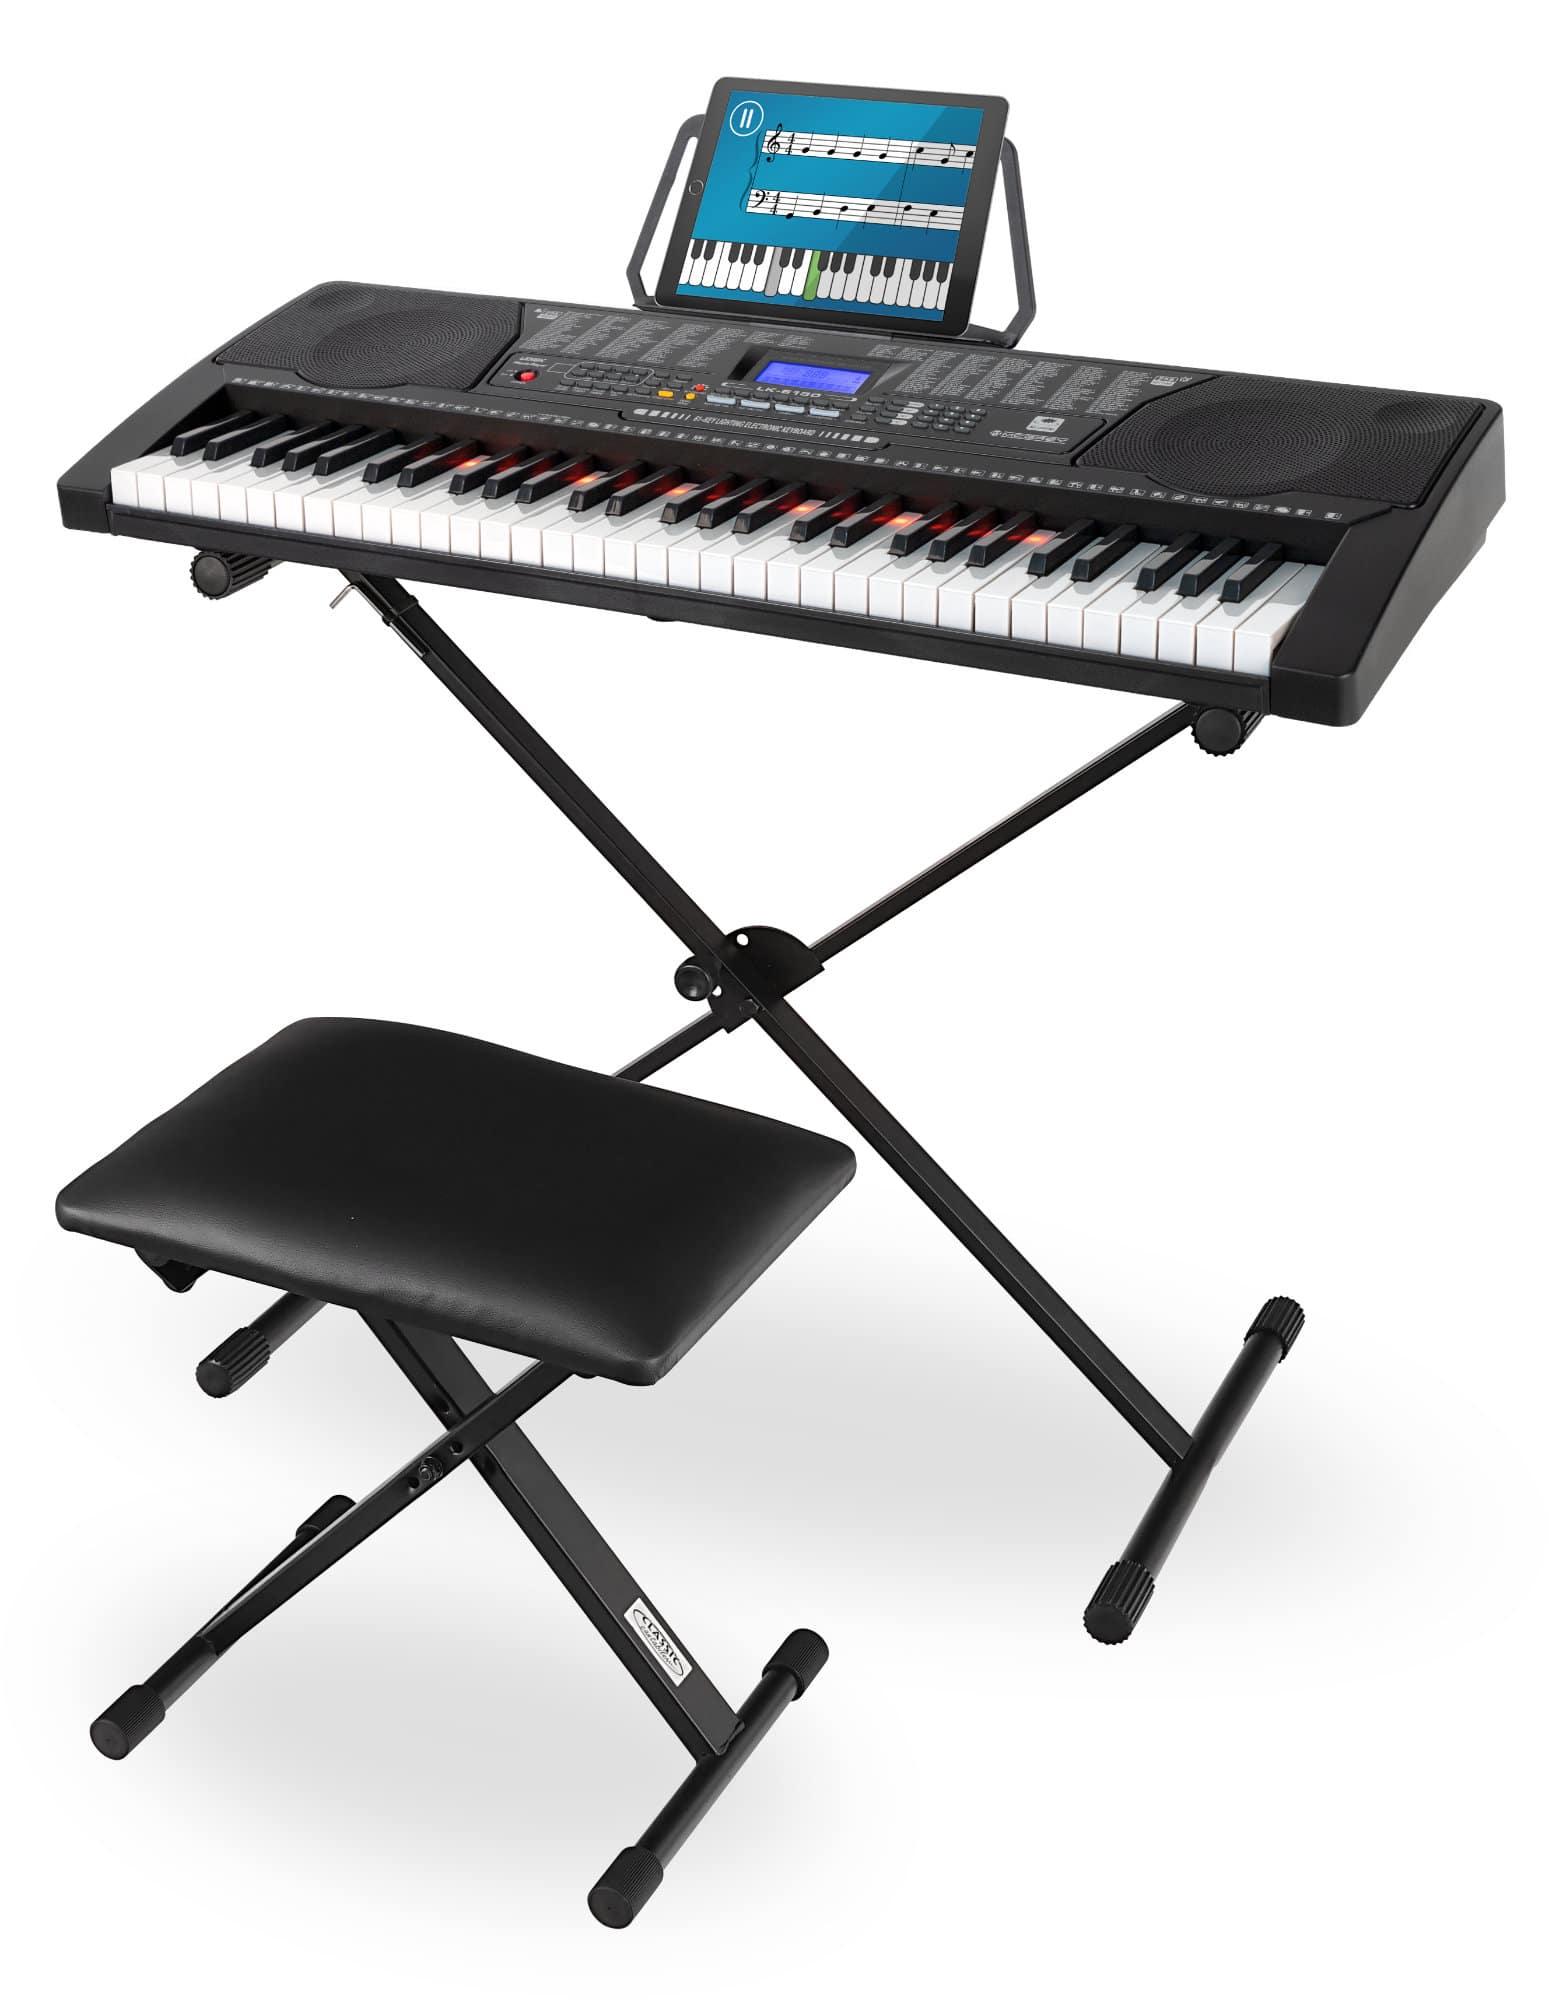 Homekeyboards - McGrey LK 6150 61 Tasten Leuchttasten Keyboard Set - Onlineshop Musikhaus Kirstein